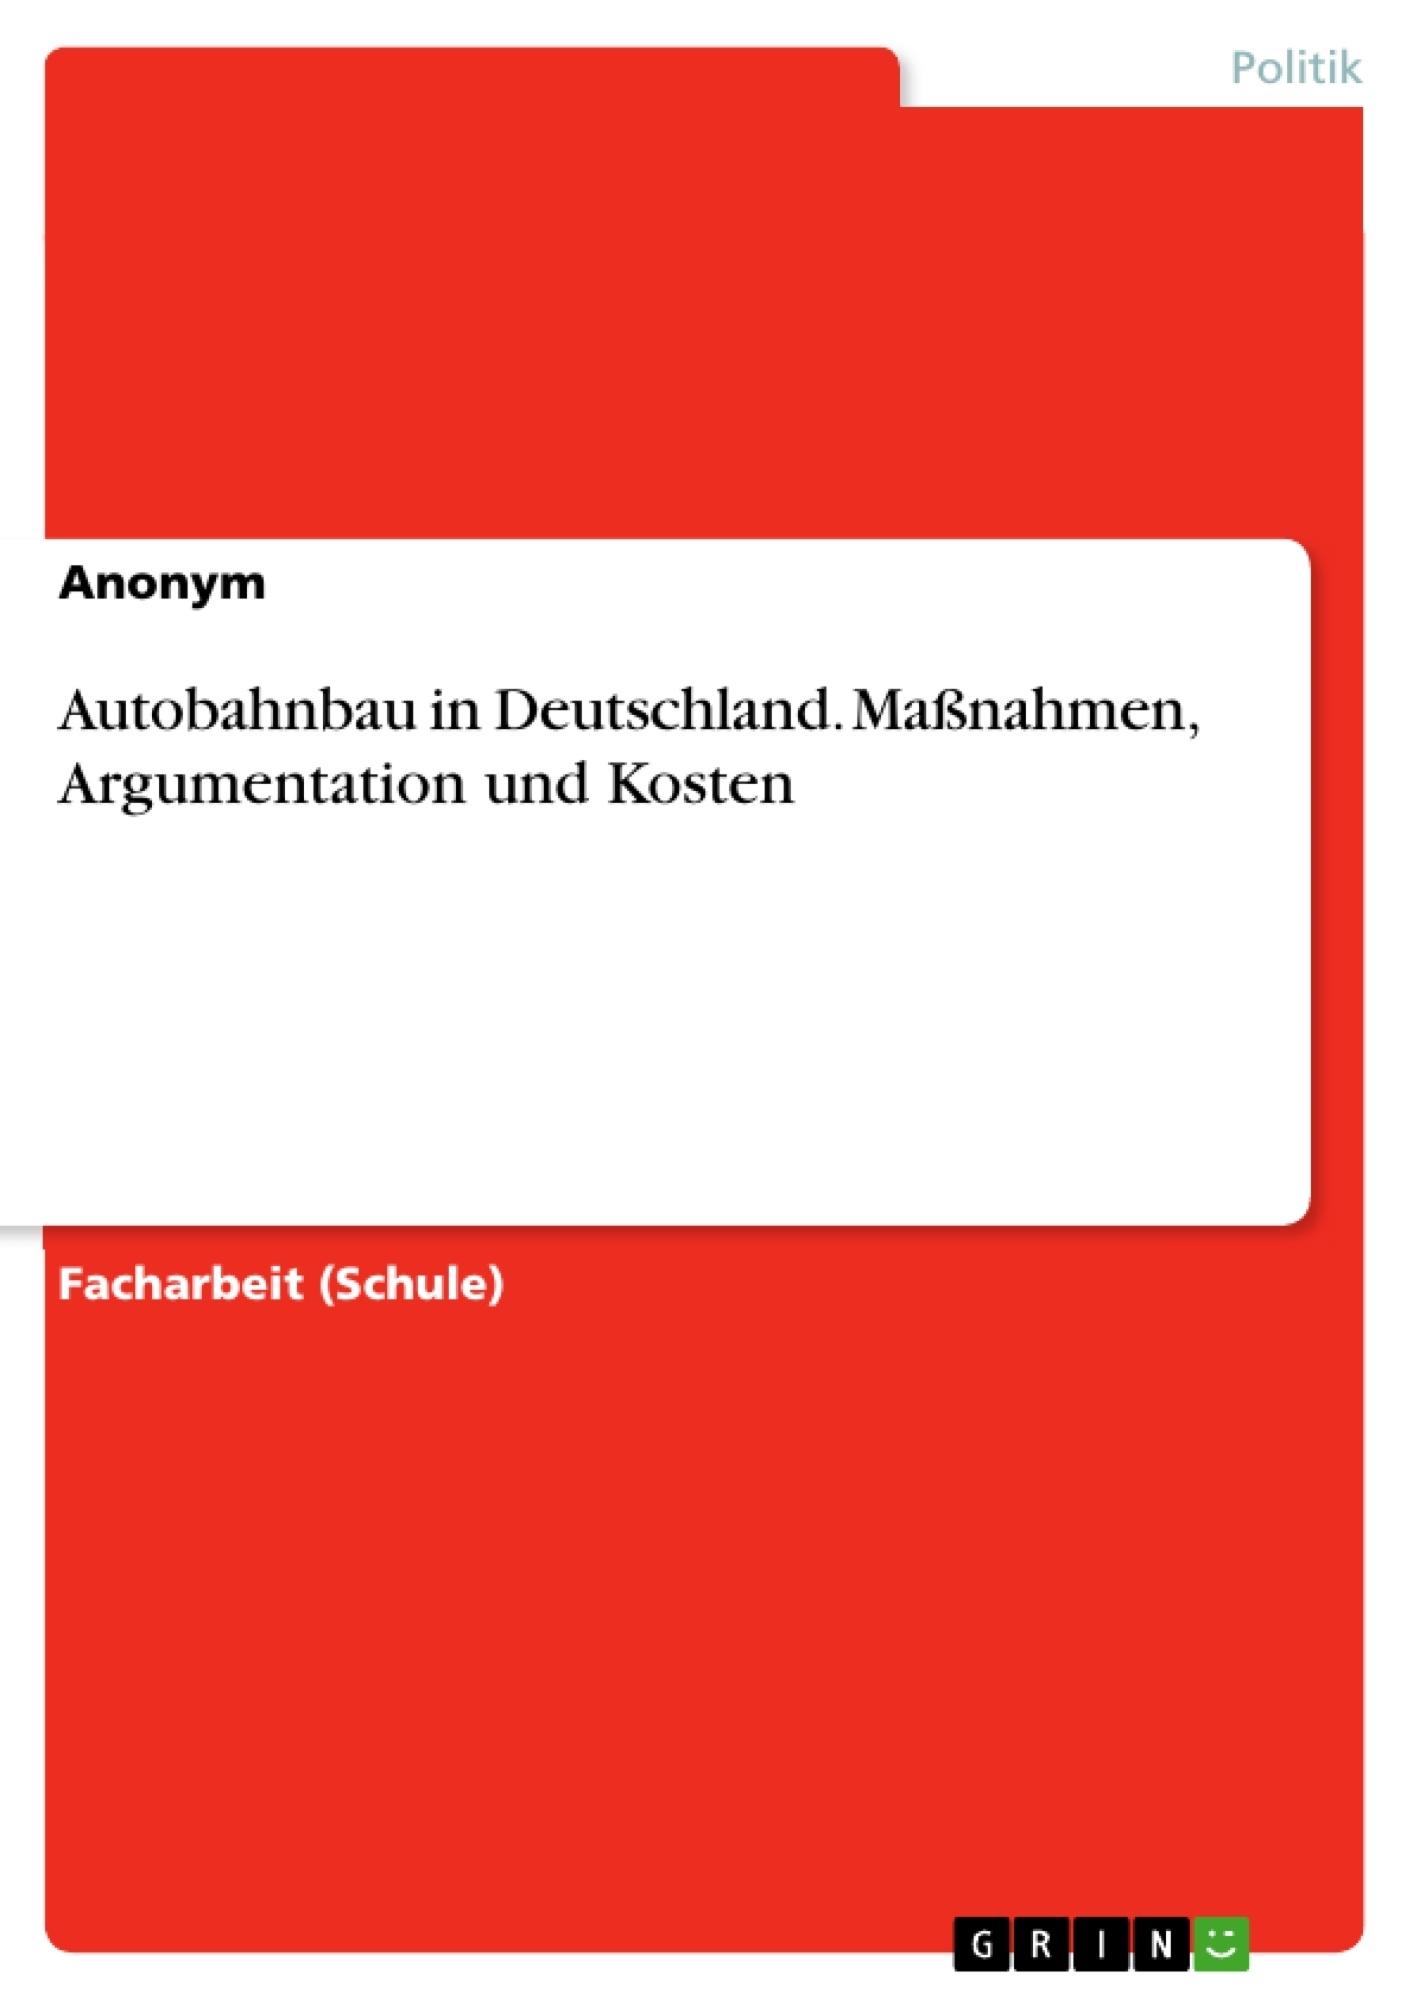 Titel: Autobahnbau in Deutschland. Maßnahmen, Argumentation und Kosten